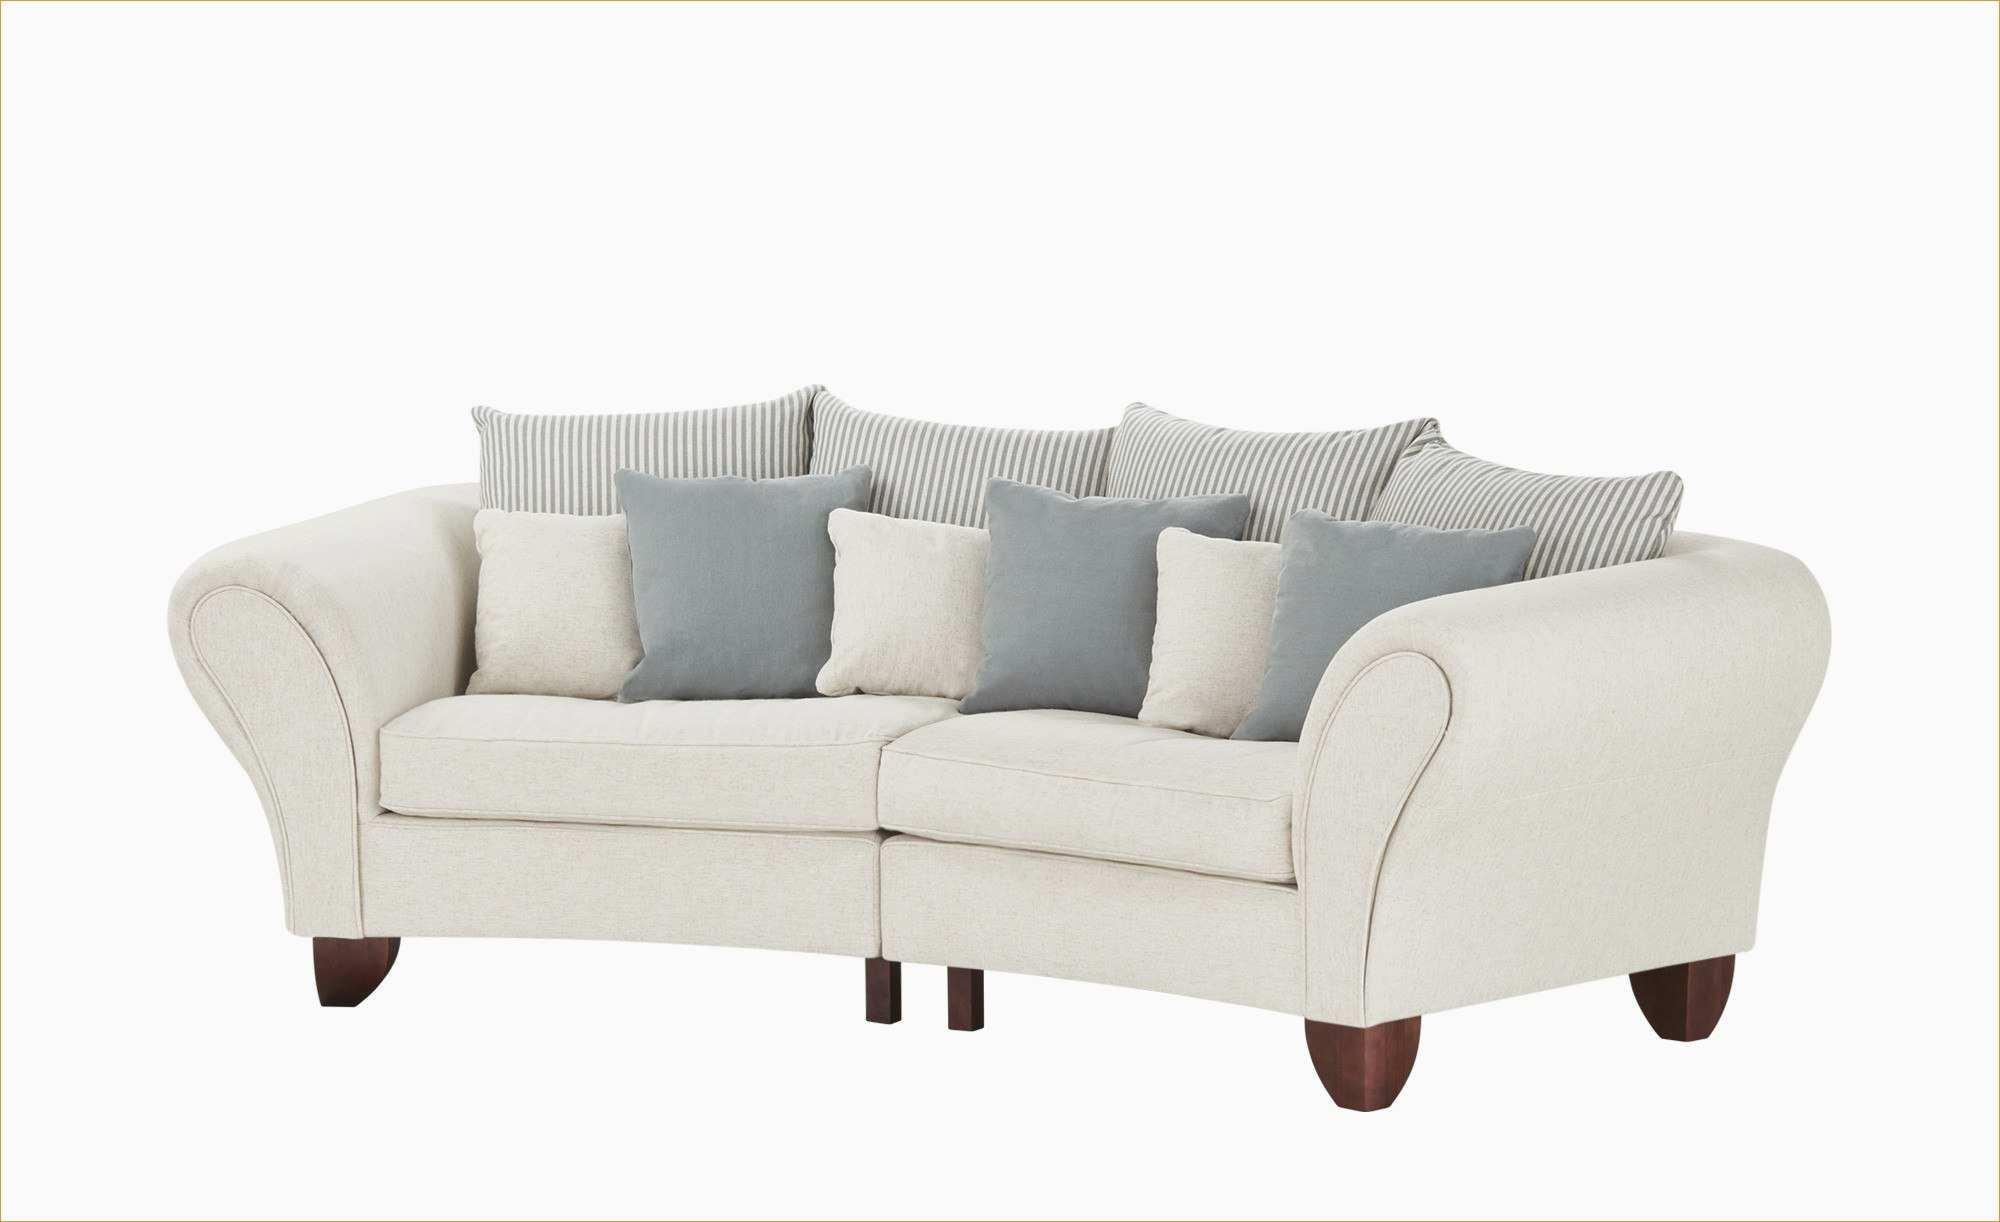 Full Size of Arundel Chesterfield Sofa Rund Design Rundy Couch Klein Big Kaufen Frisch Sofas Beds Tolles Wohnzimmer Ideen Federkern Marken Led Polster Reinigen Mit Sofa Sofa Rund